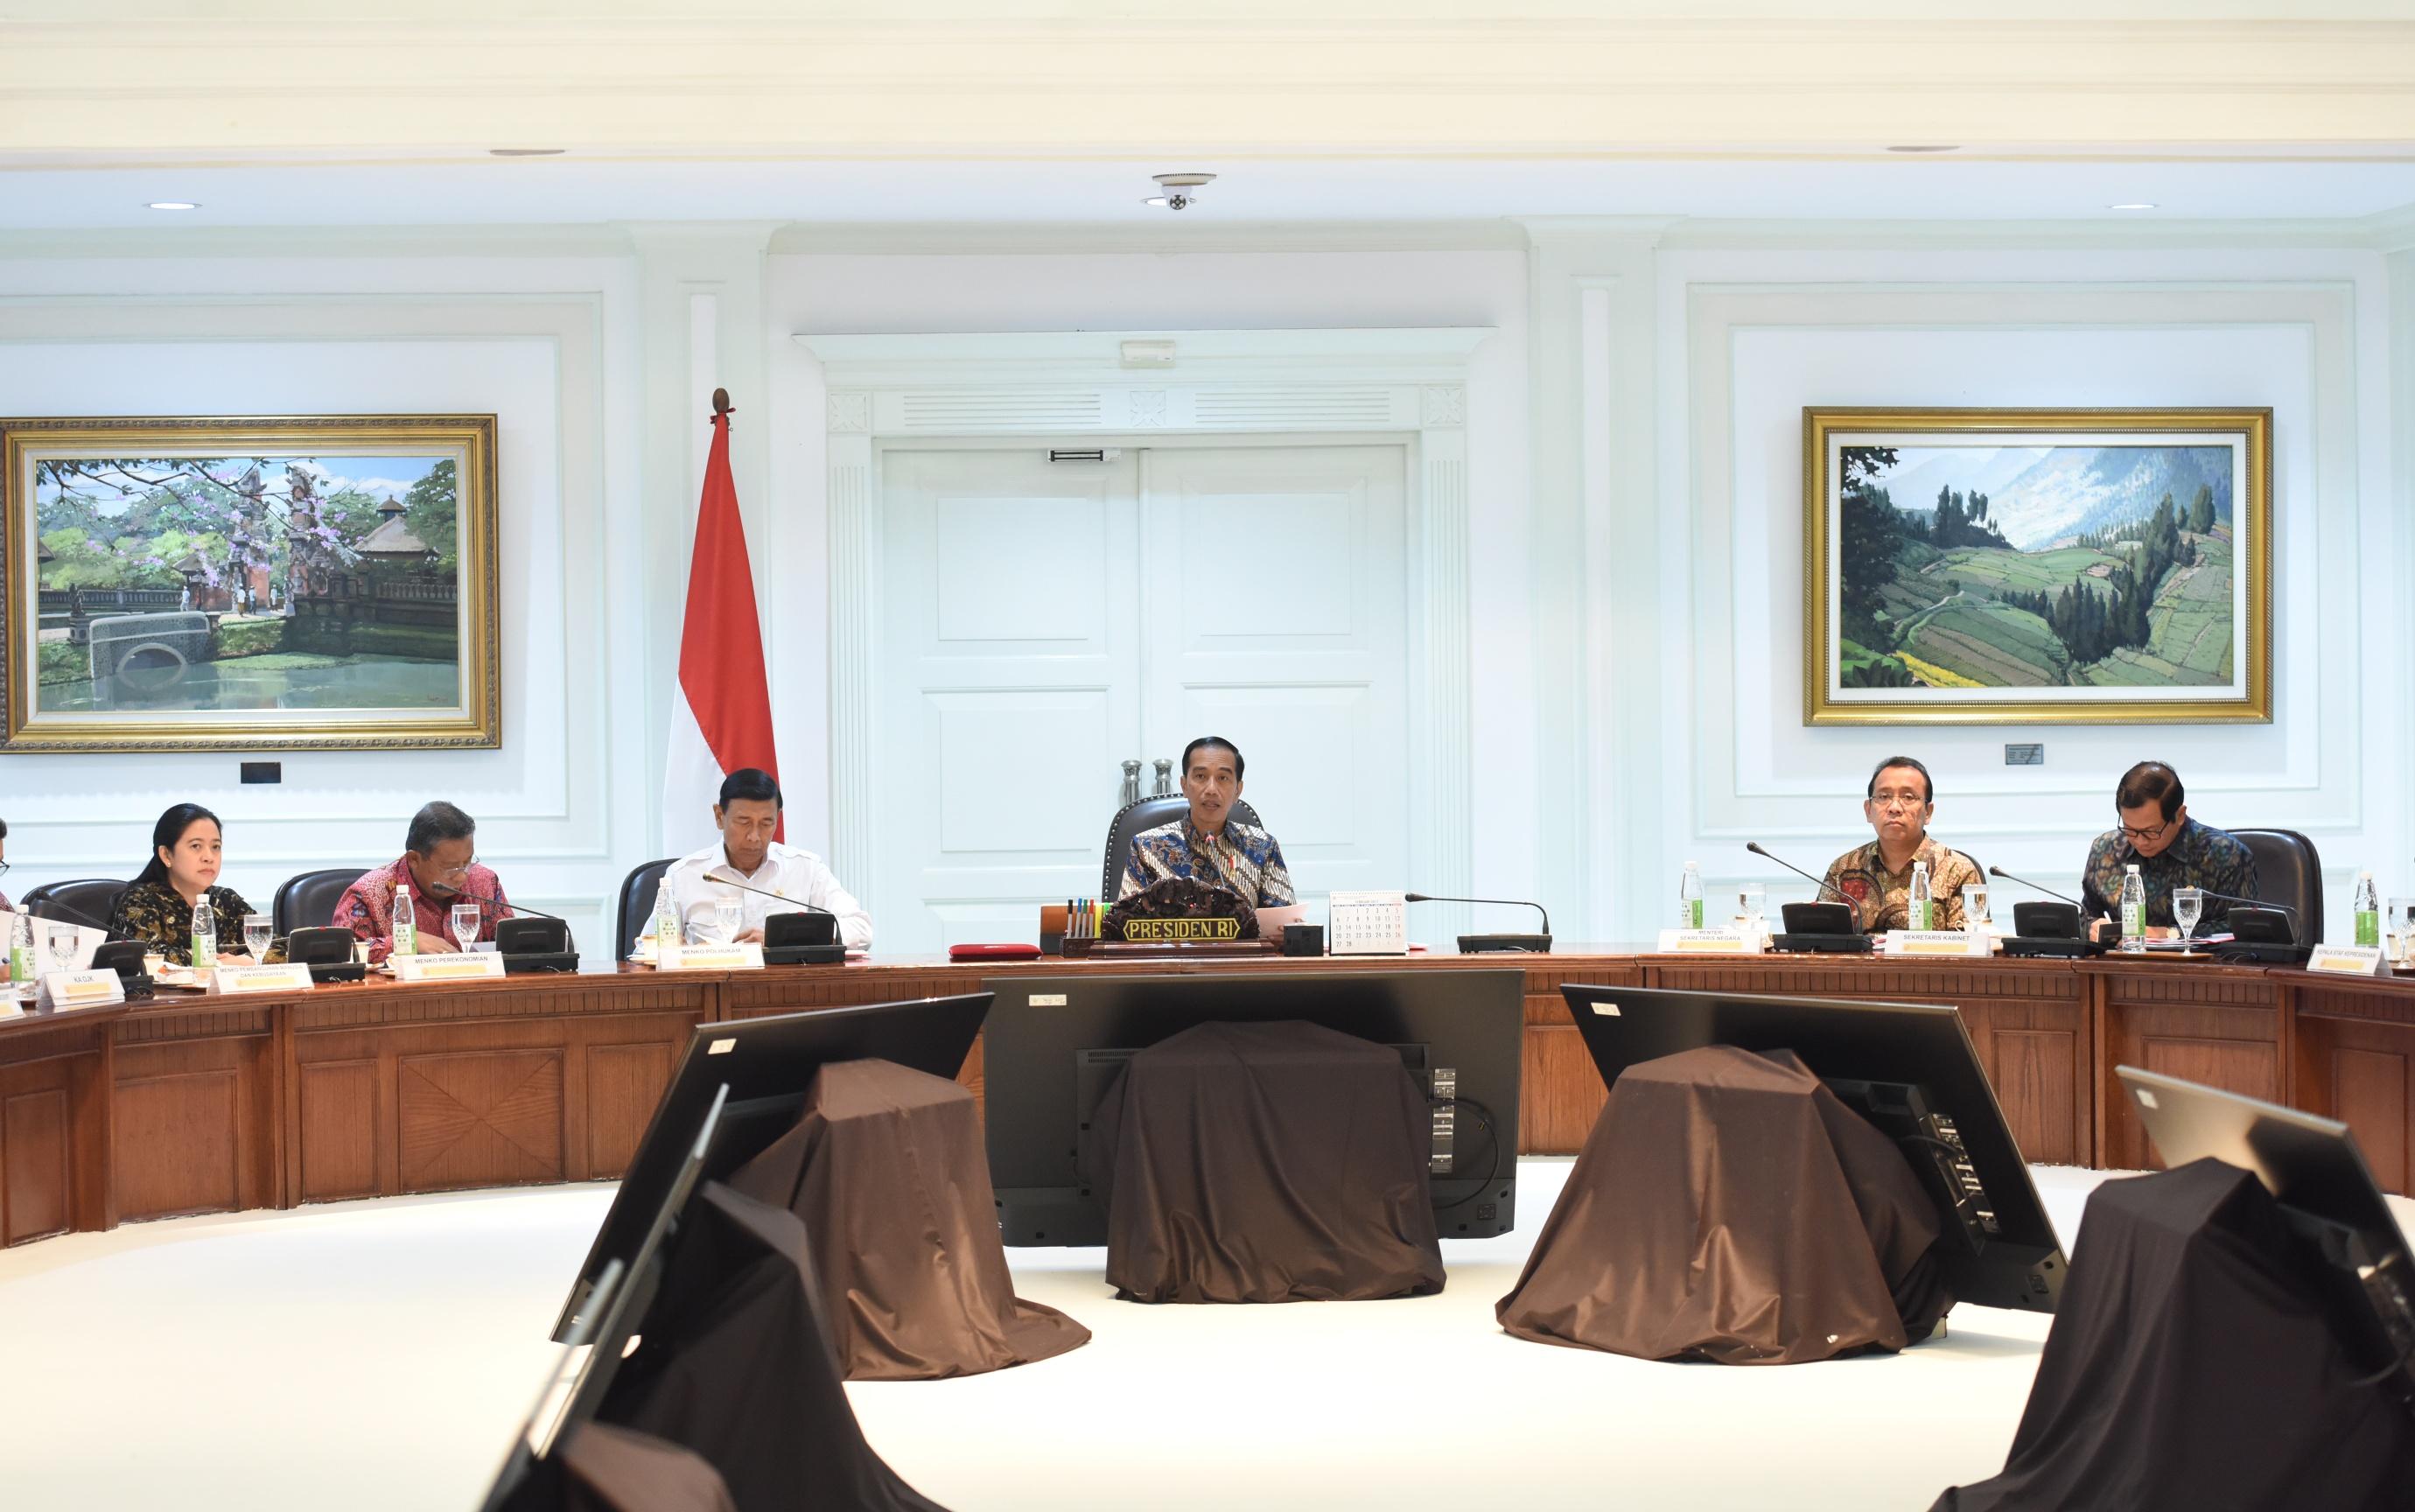 Presiden Jokowi memimpin rapat terbatas tentang perlindungan konsumen, di Kantor Presiden, Jakarta, Selasa (21/3) siang. (Foto: JAY/Humas)